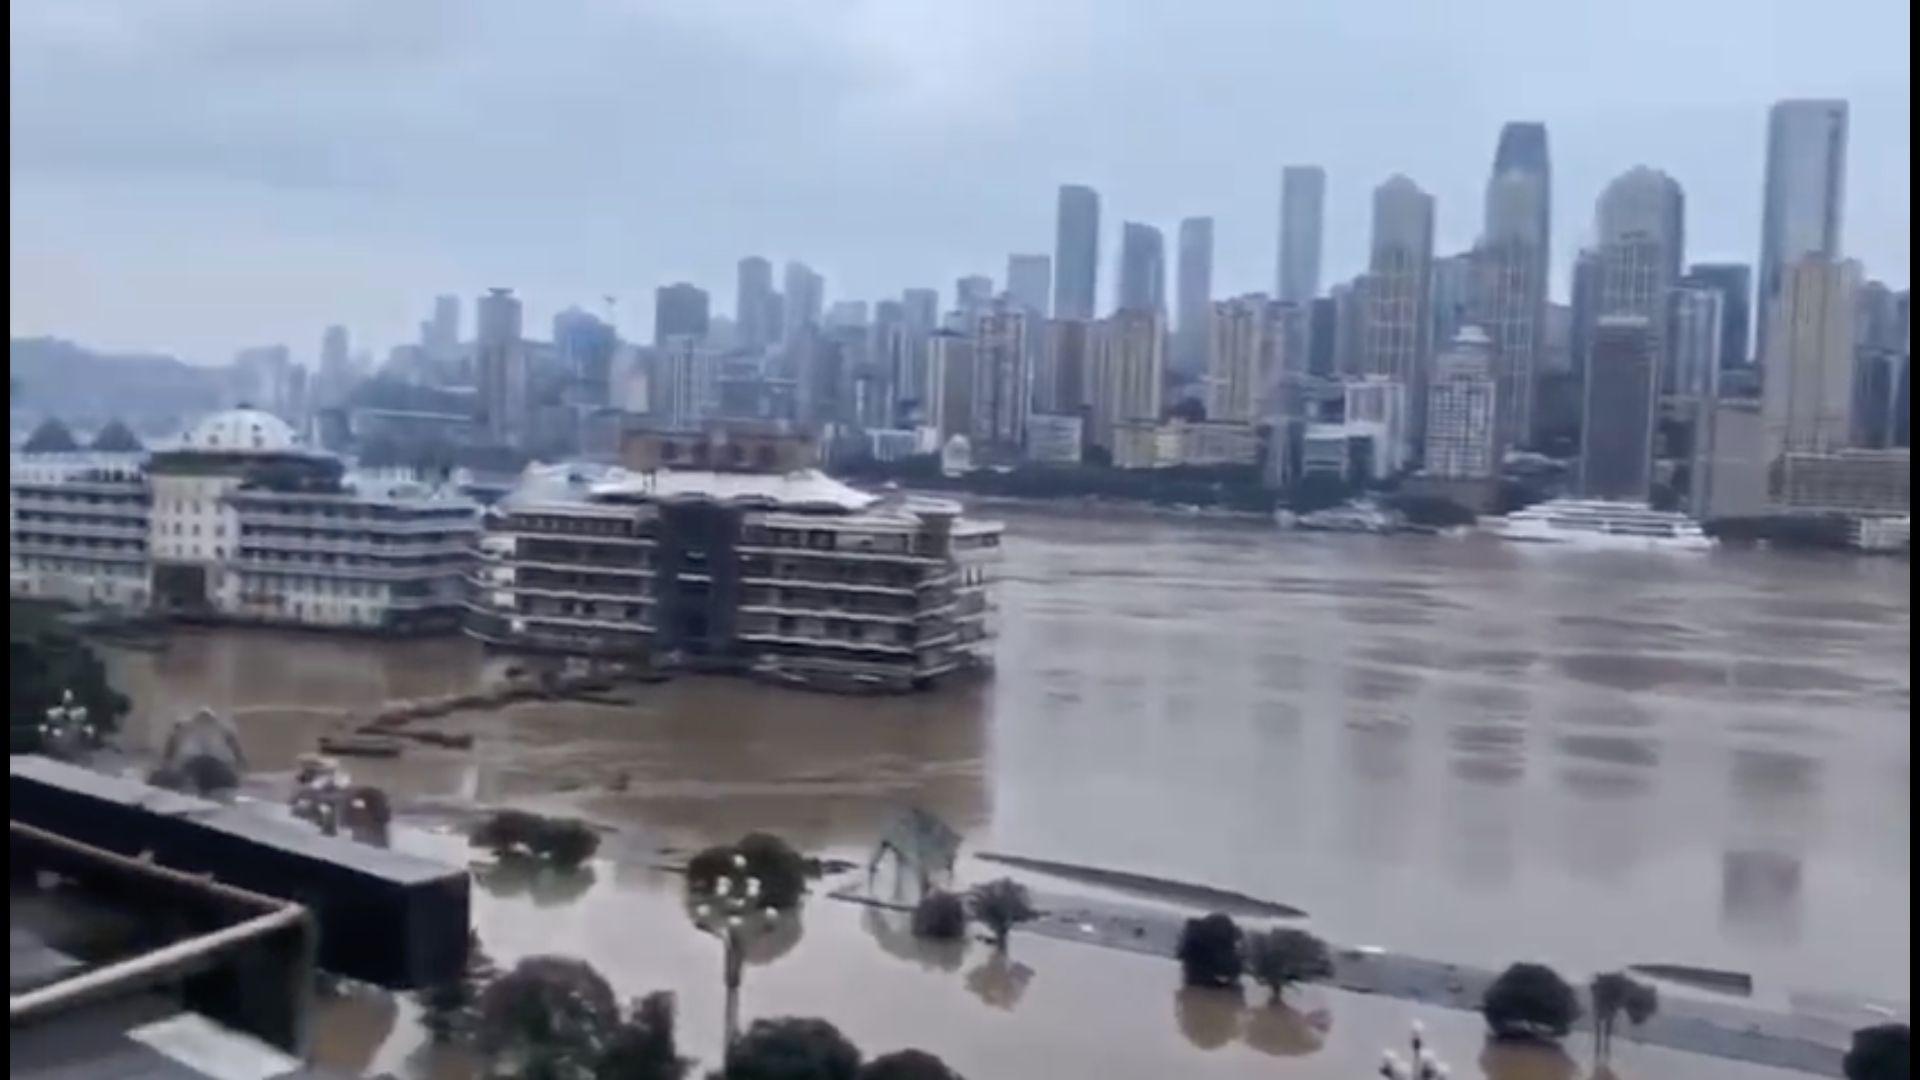 重慶市8月18日啟動有記錄以來首次一級防汛應急響應。(影片截圖)